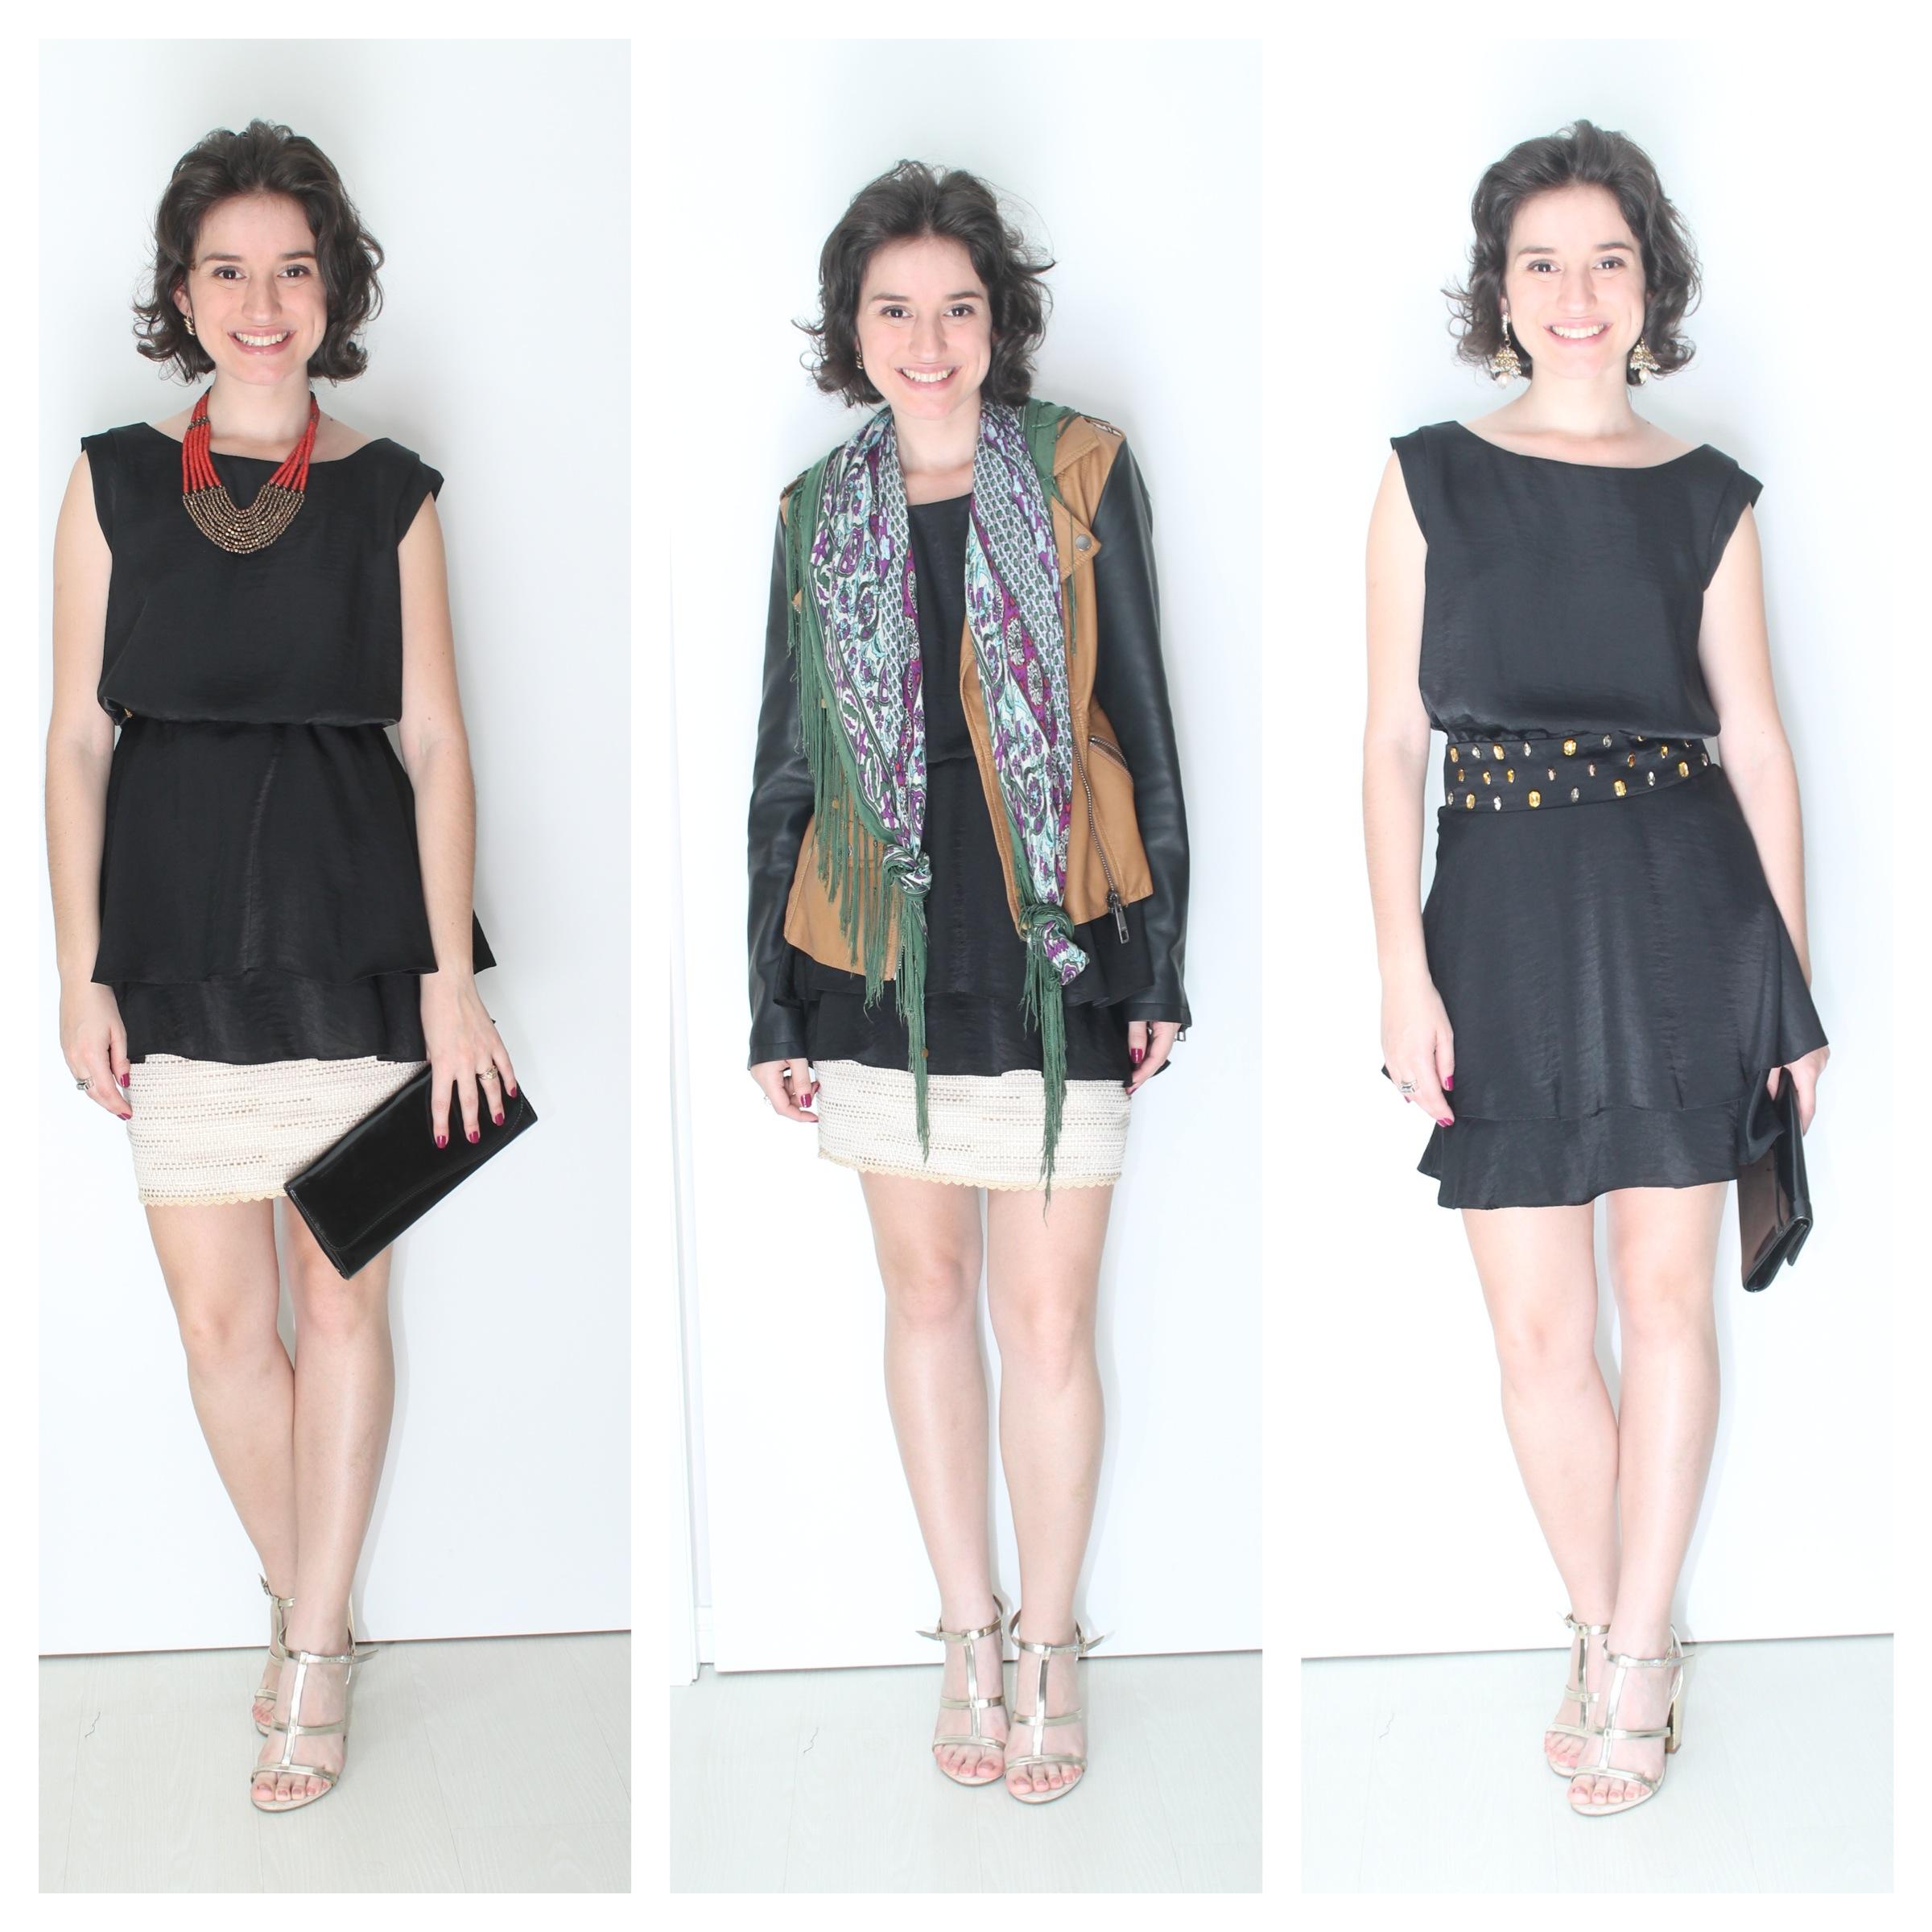 manifesto ao repeteco 3 formas de usar saia branca nada convencionais